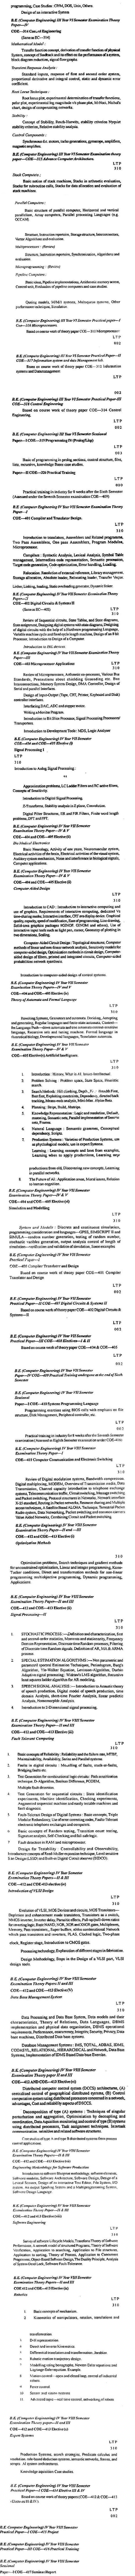 NSIT: Syllabus -Computer Engineering